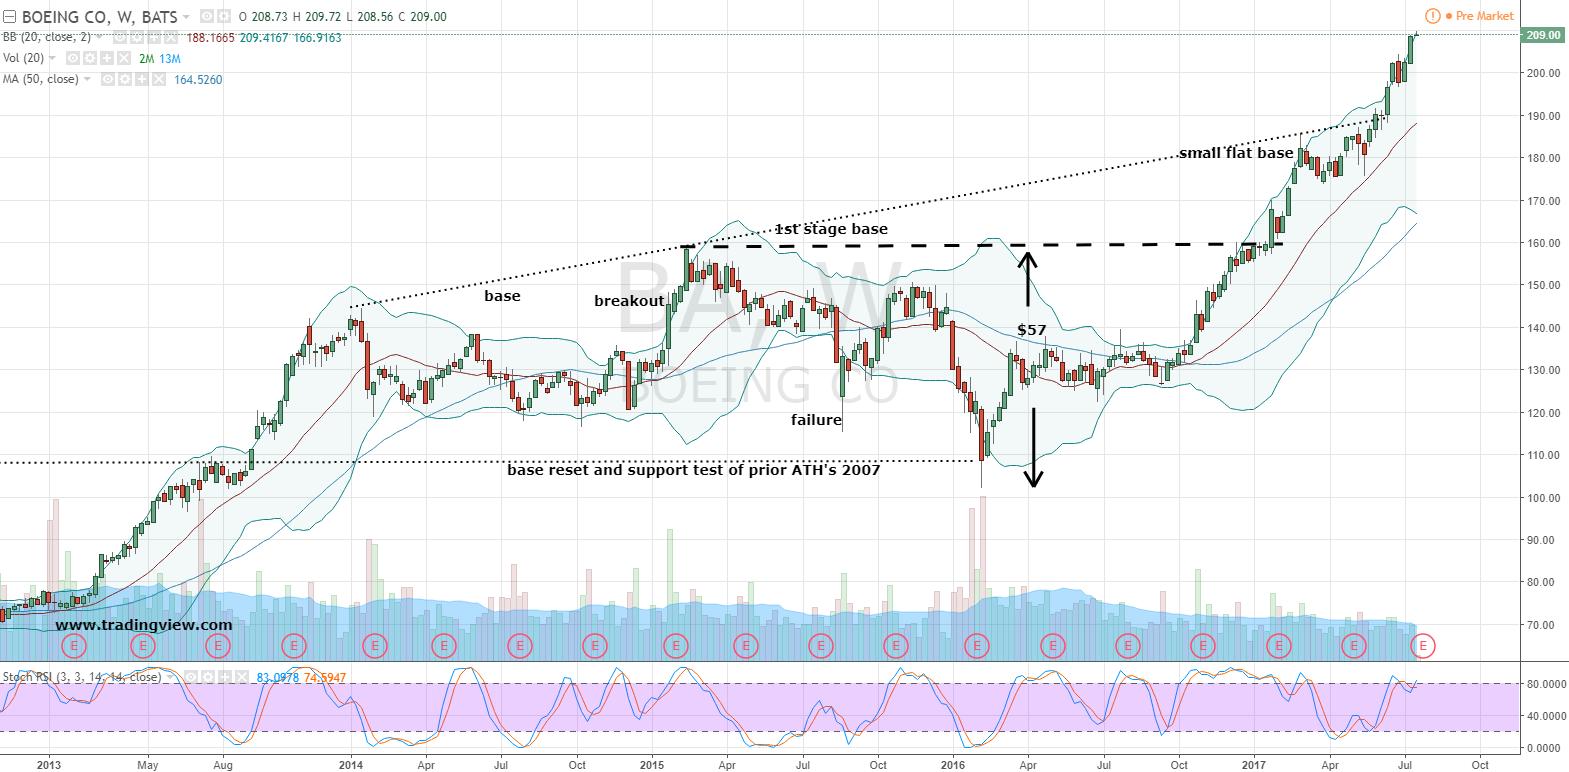 Ba Stock Weekly Chart